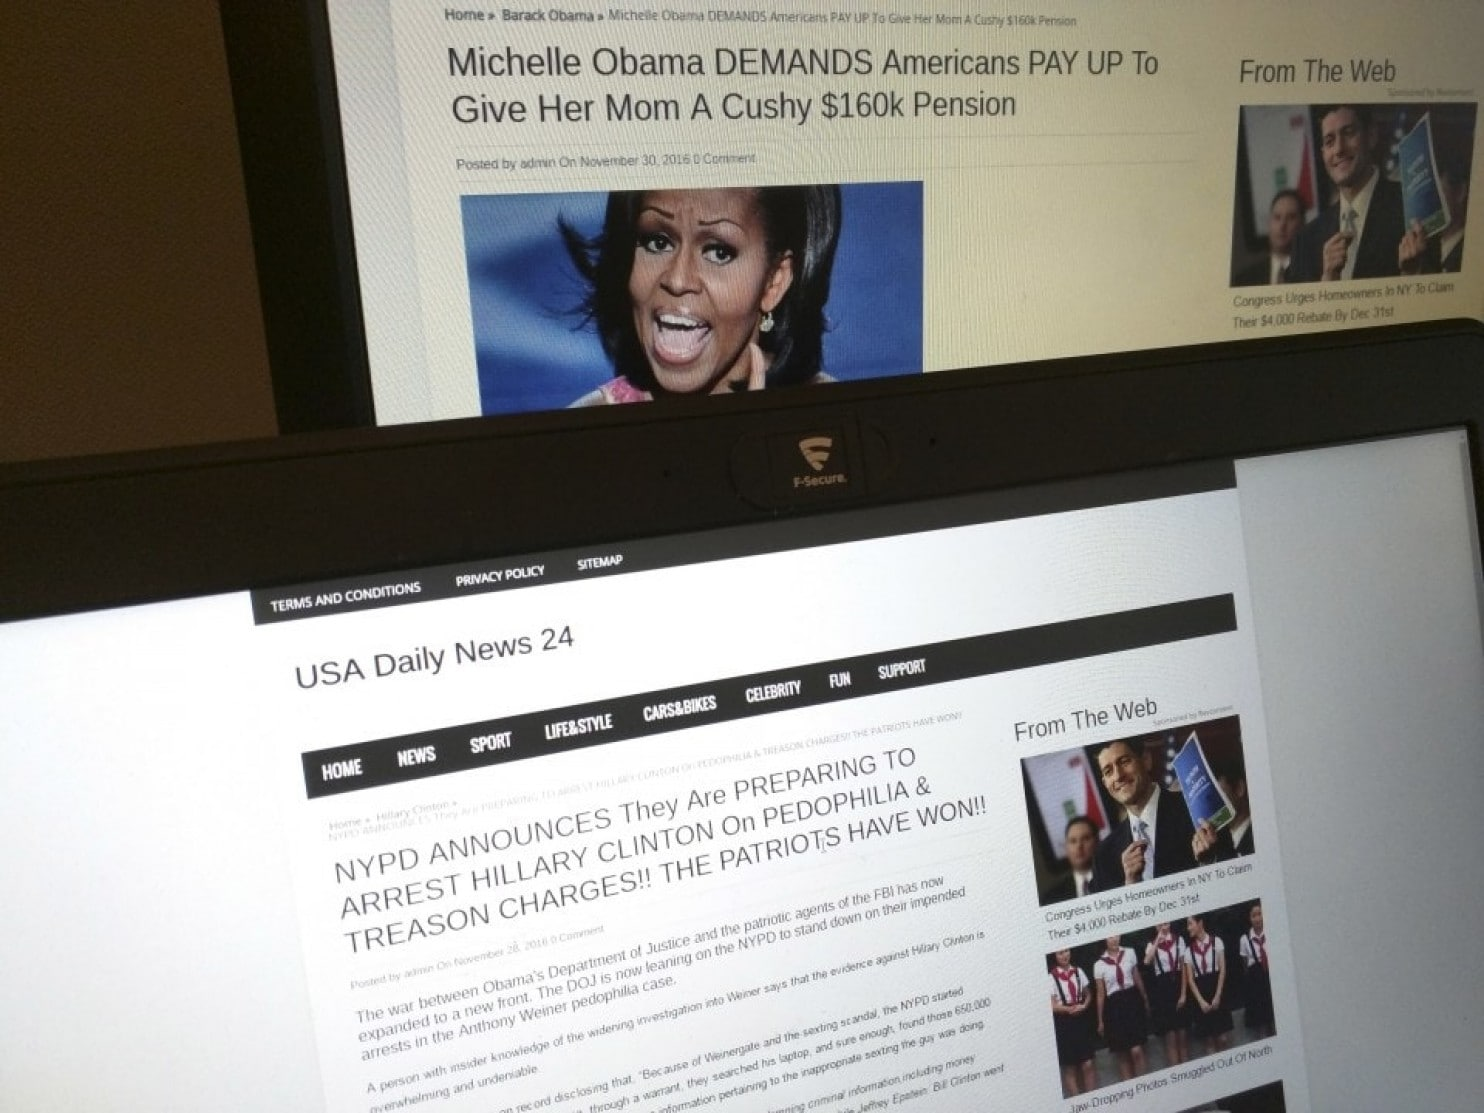 Що небезпечніше для демократії: фейкові новини чи способи з ними боротися?